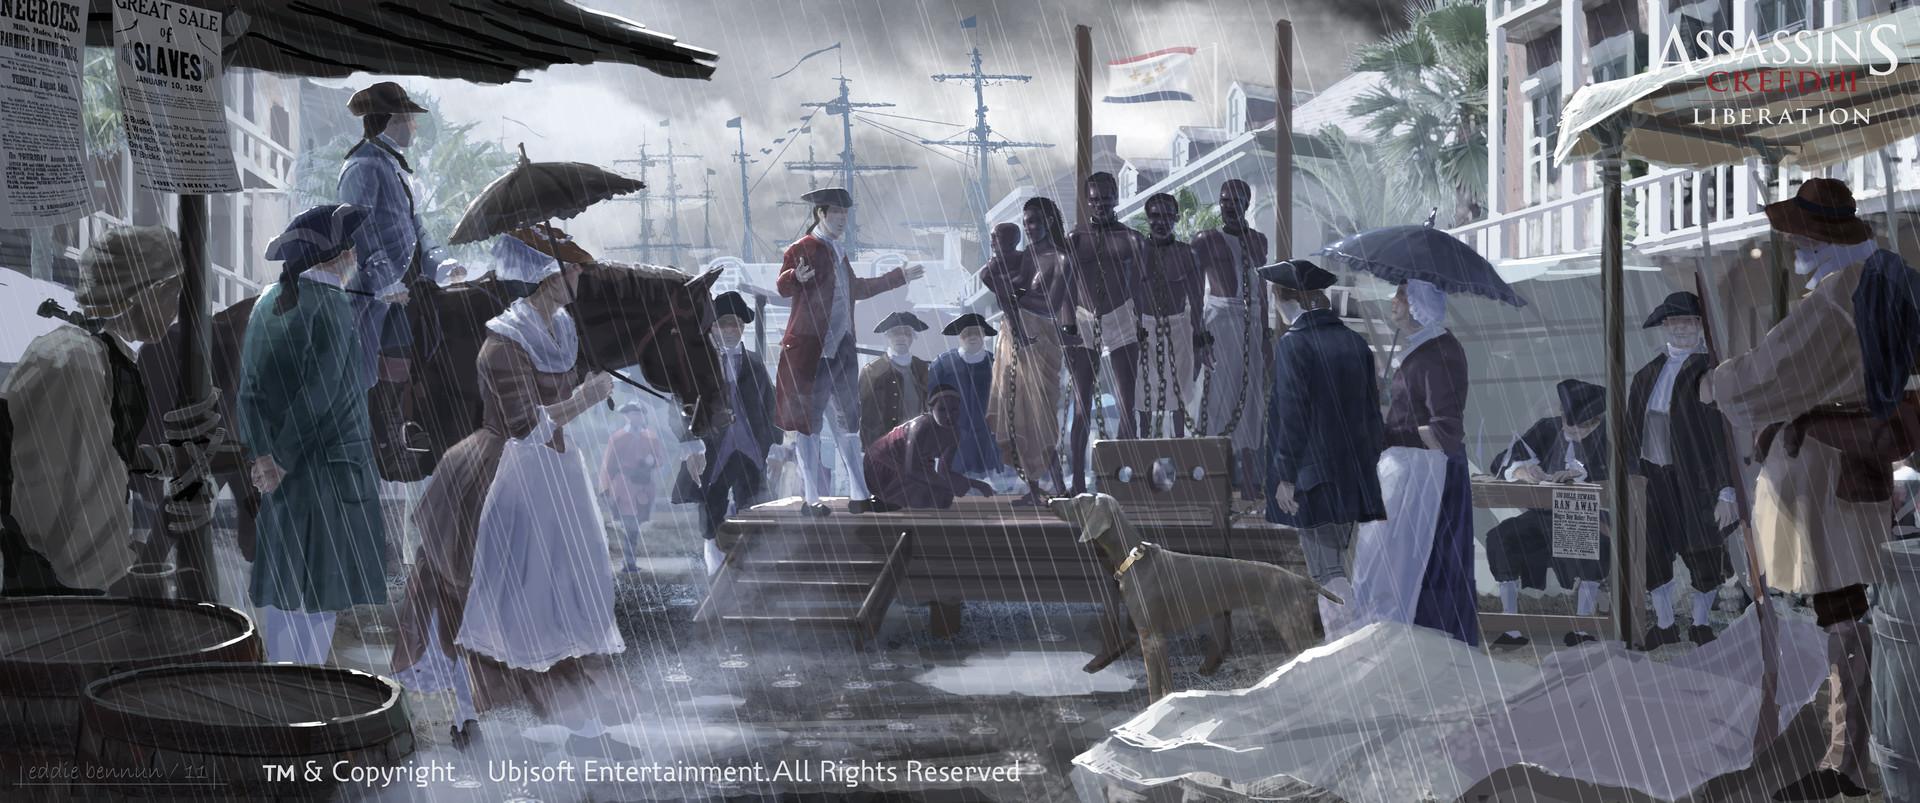 Eddie bennun aclib sc neworleans market slaves eddiebennun